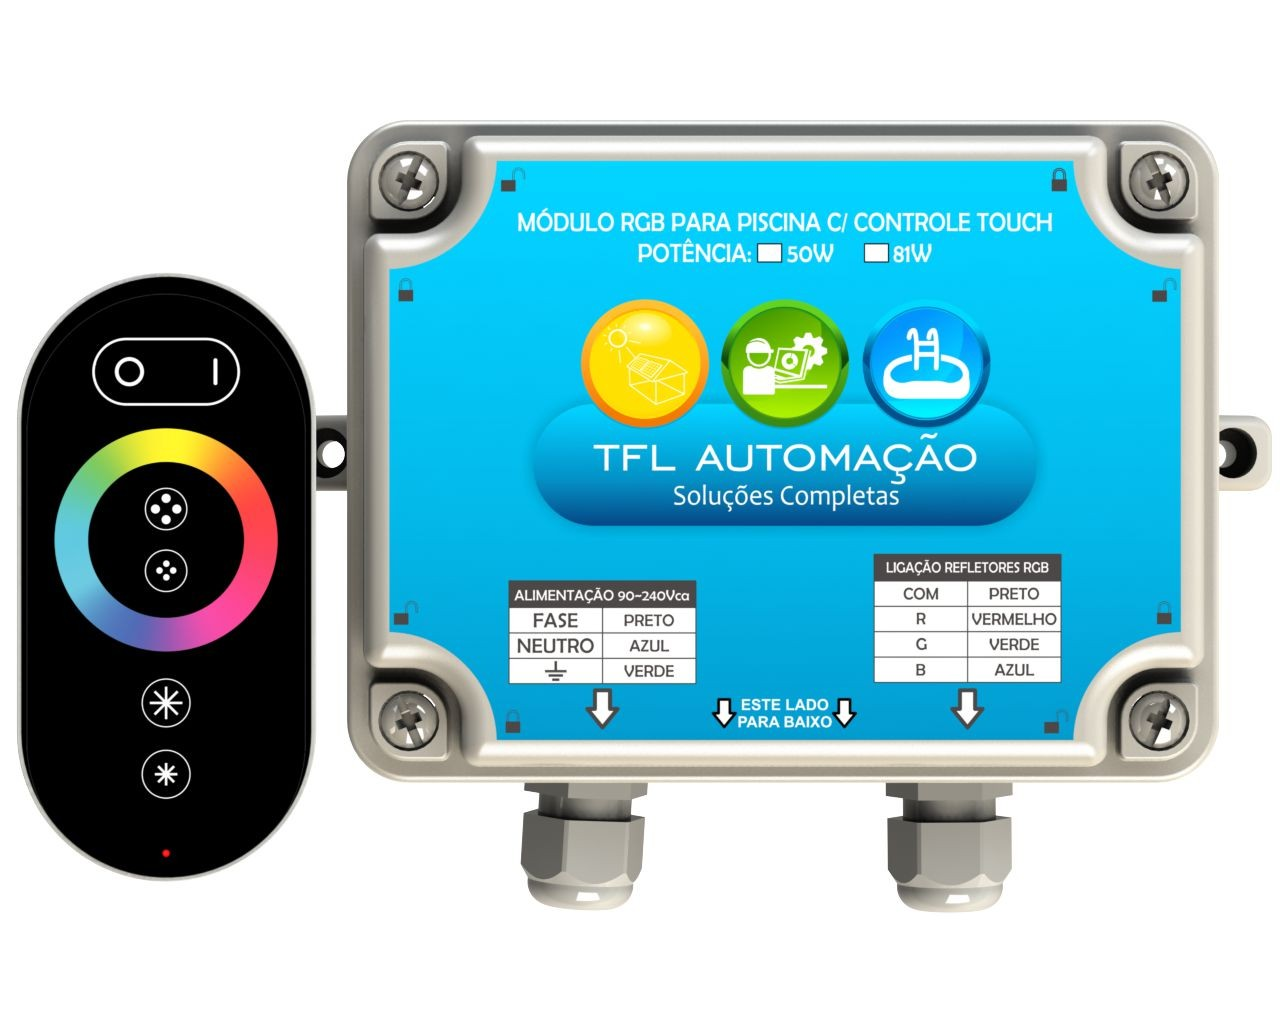 Módulo RGB c/ Controle Touch - 50W